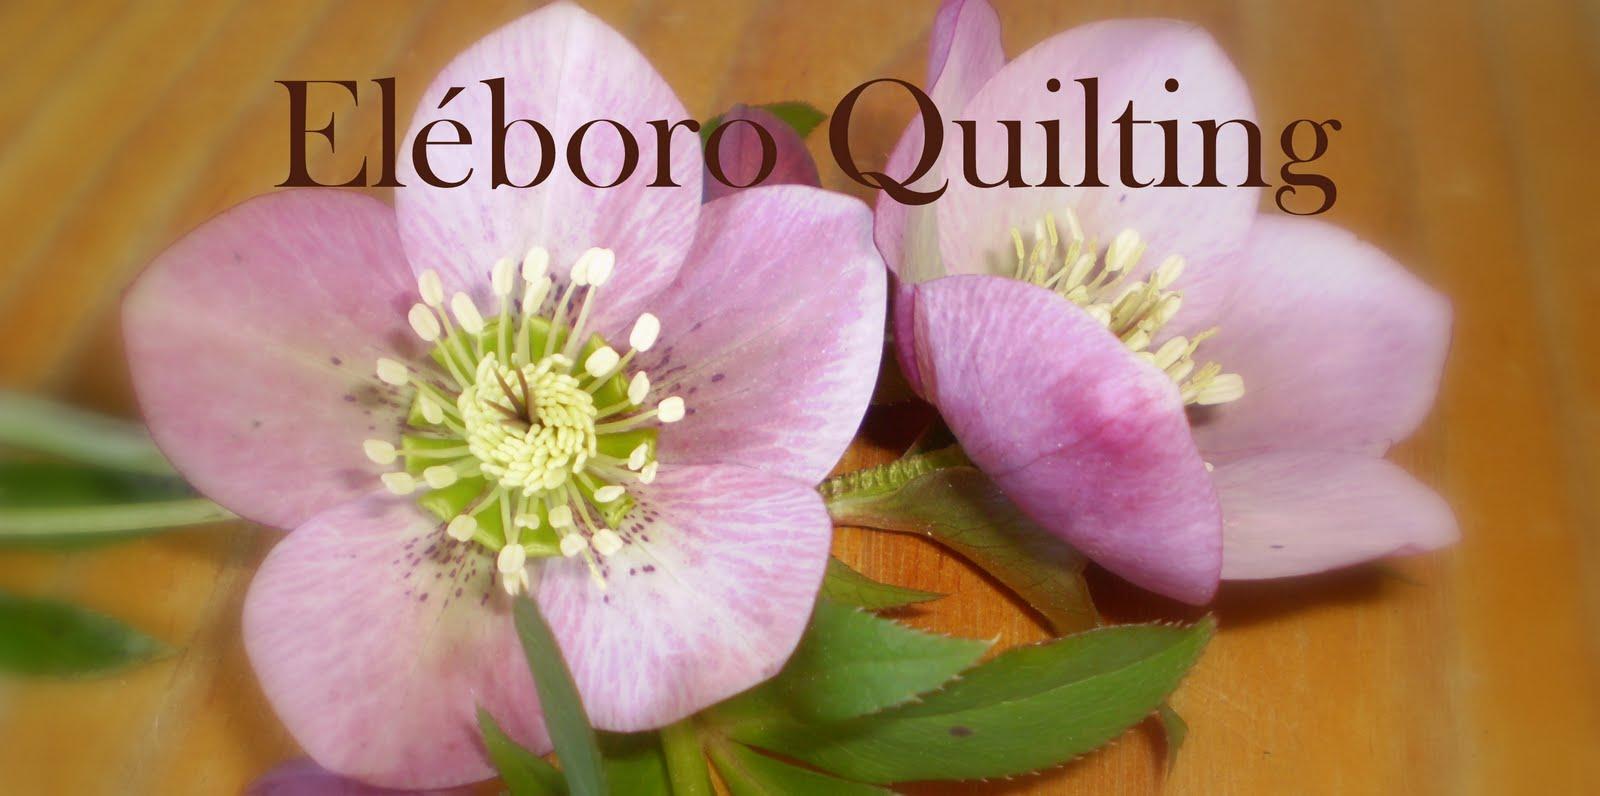 Eléboro Quilting